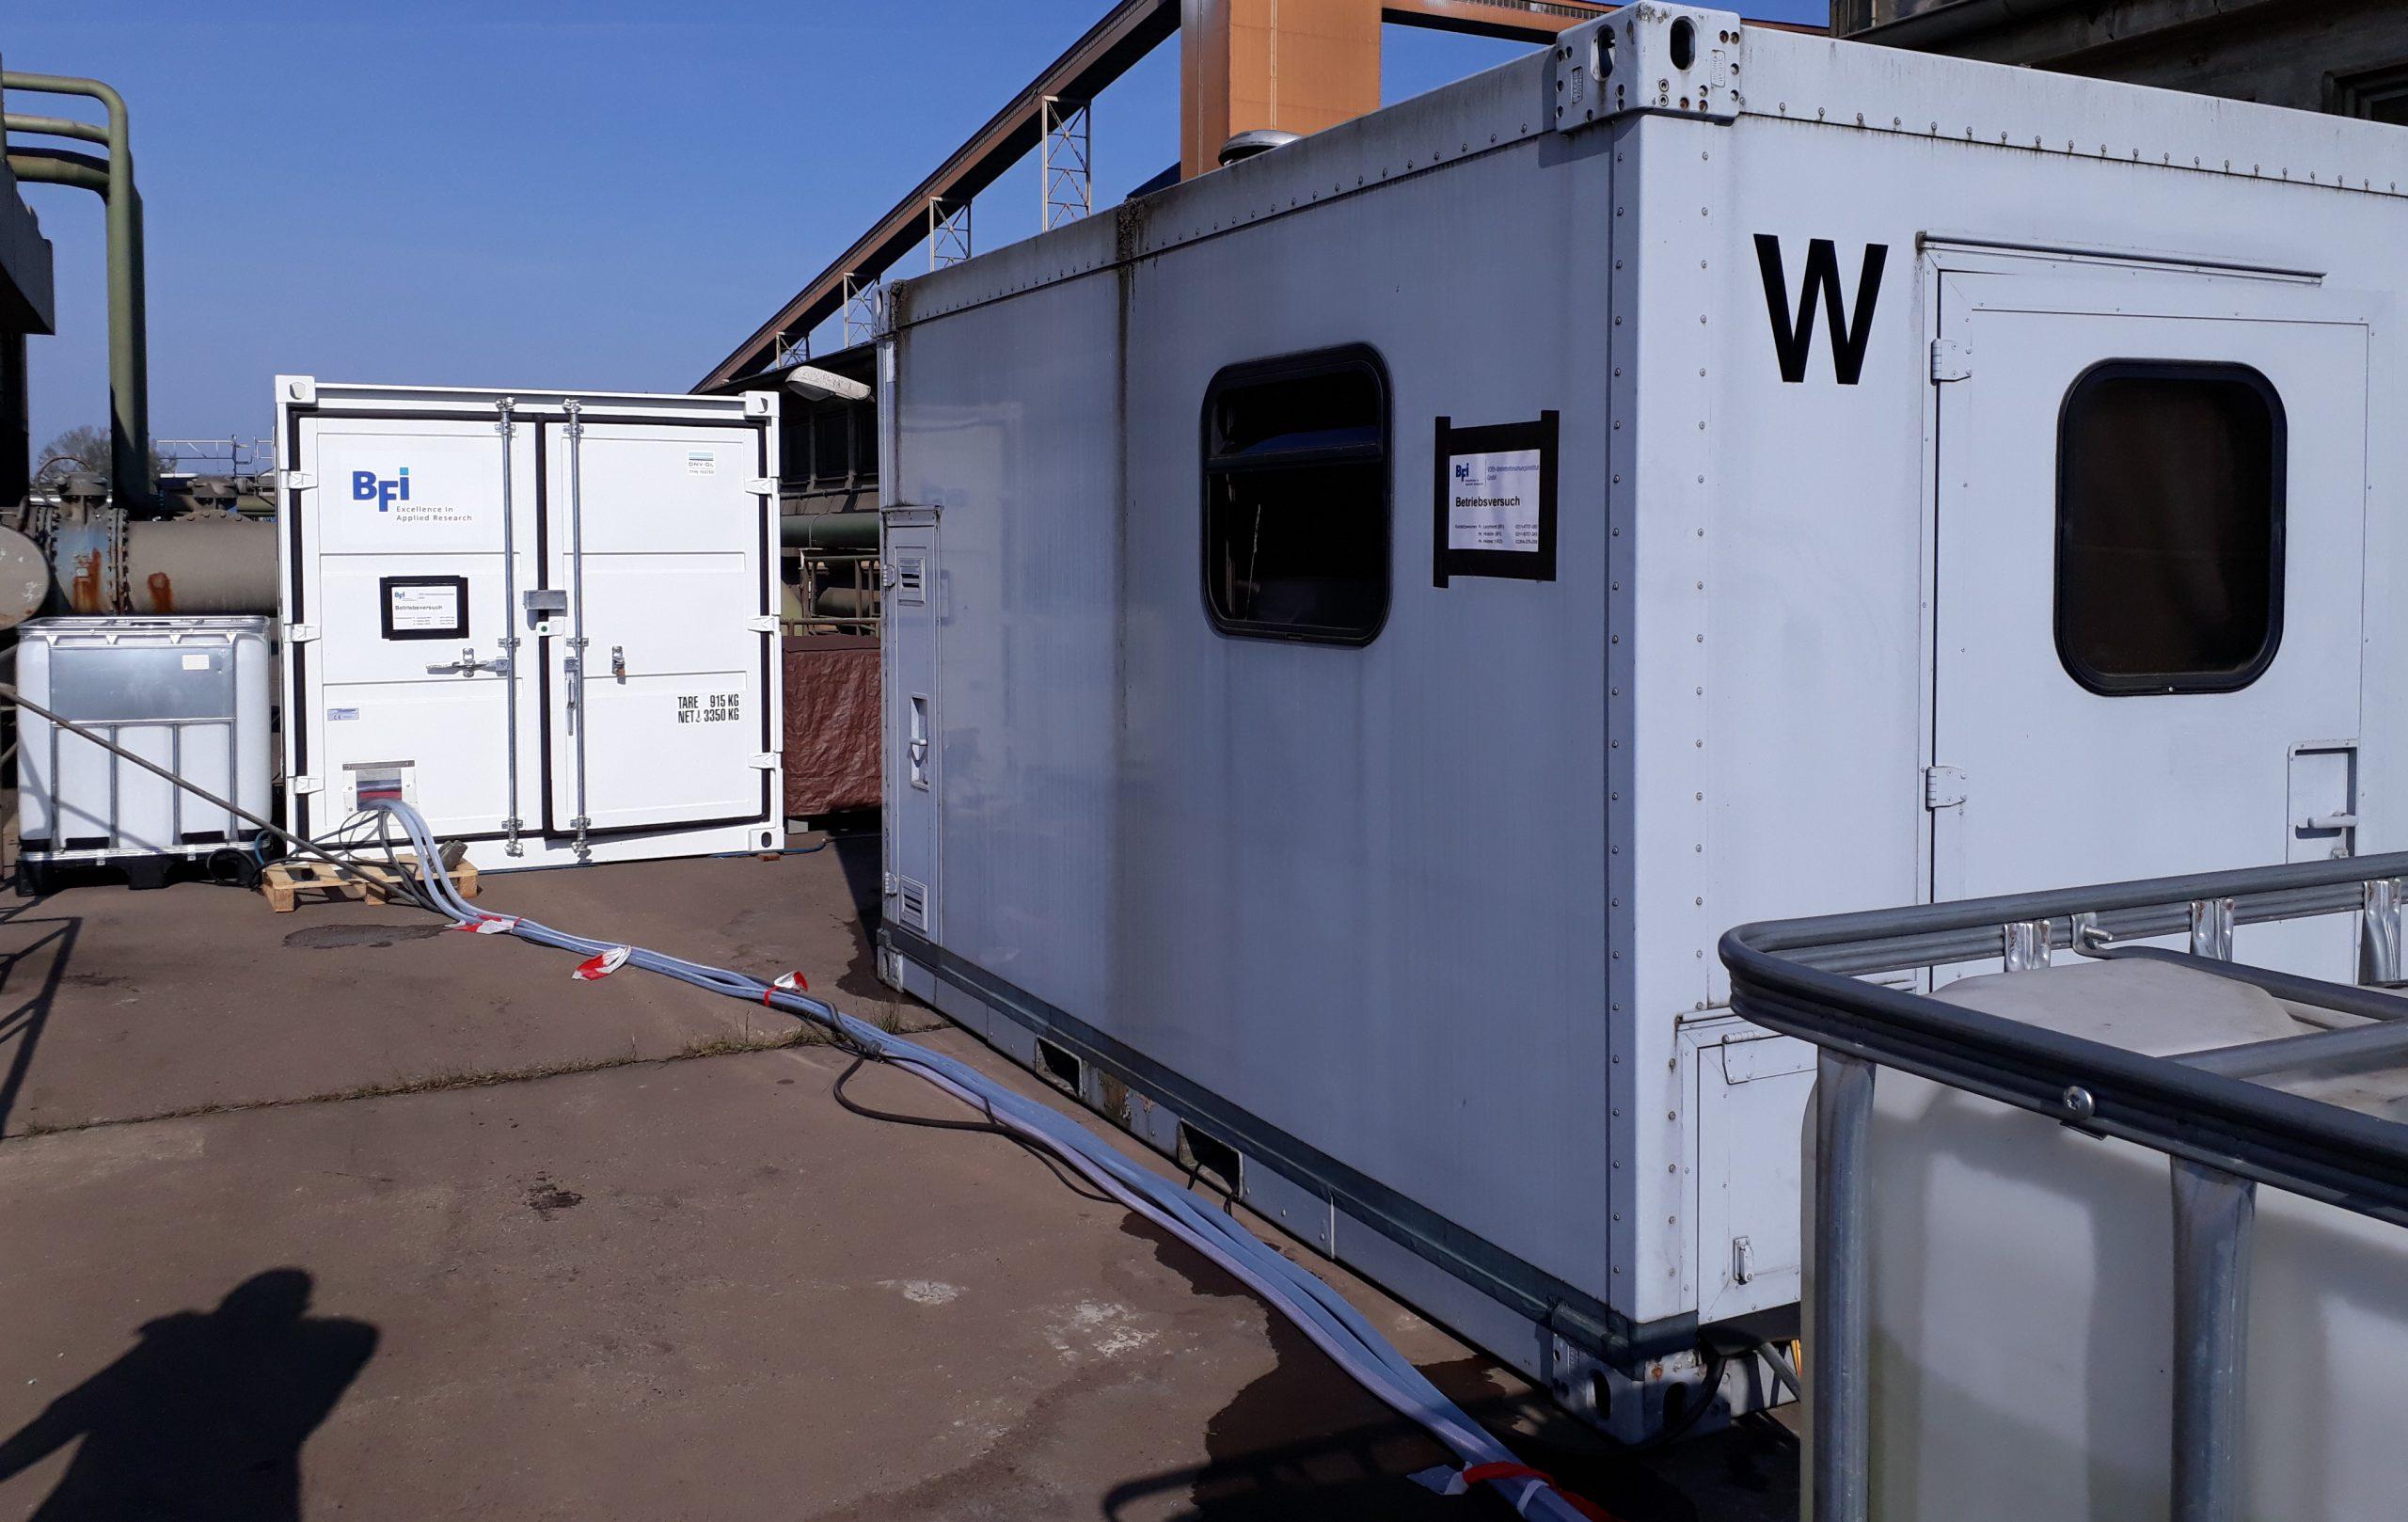 Container mit mobiler BFI Versuchsanlage zur Entsalzung sowie Laborcontainer im Betriebsversuch